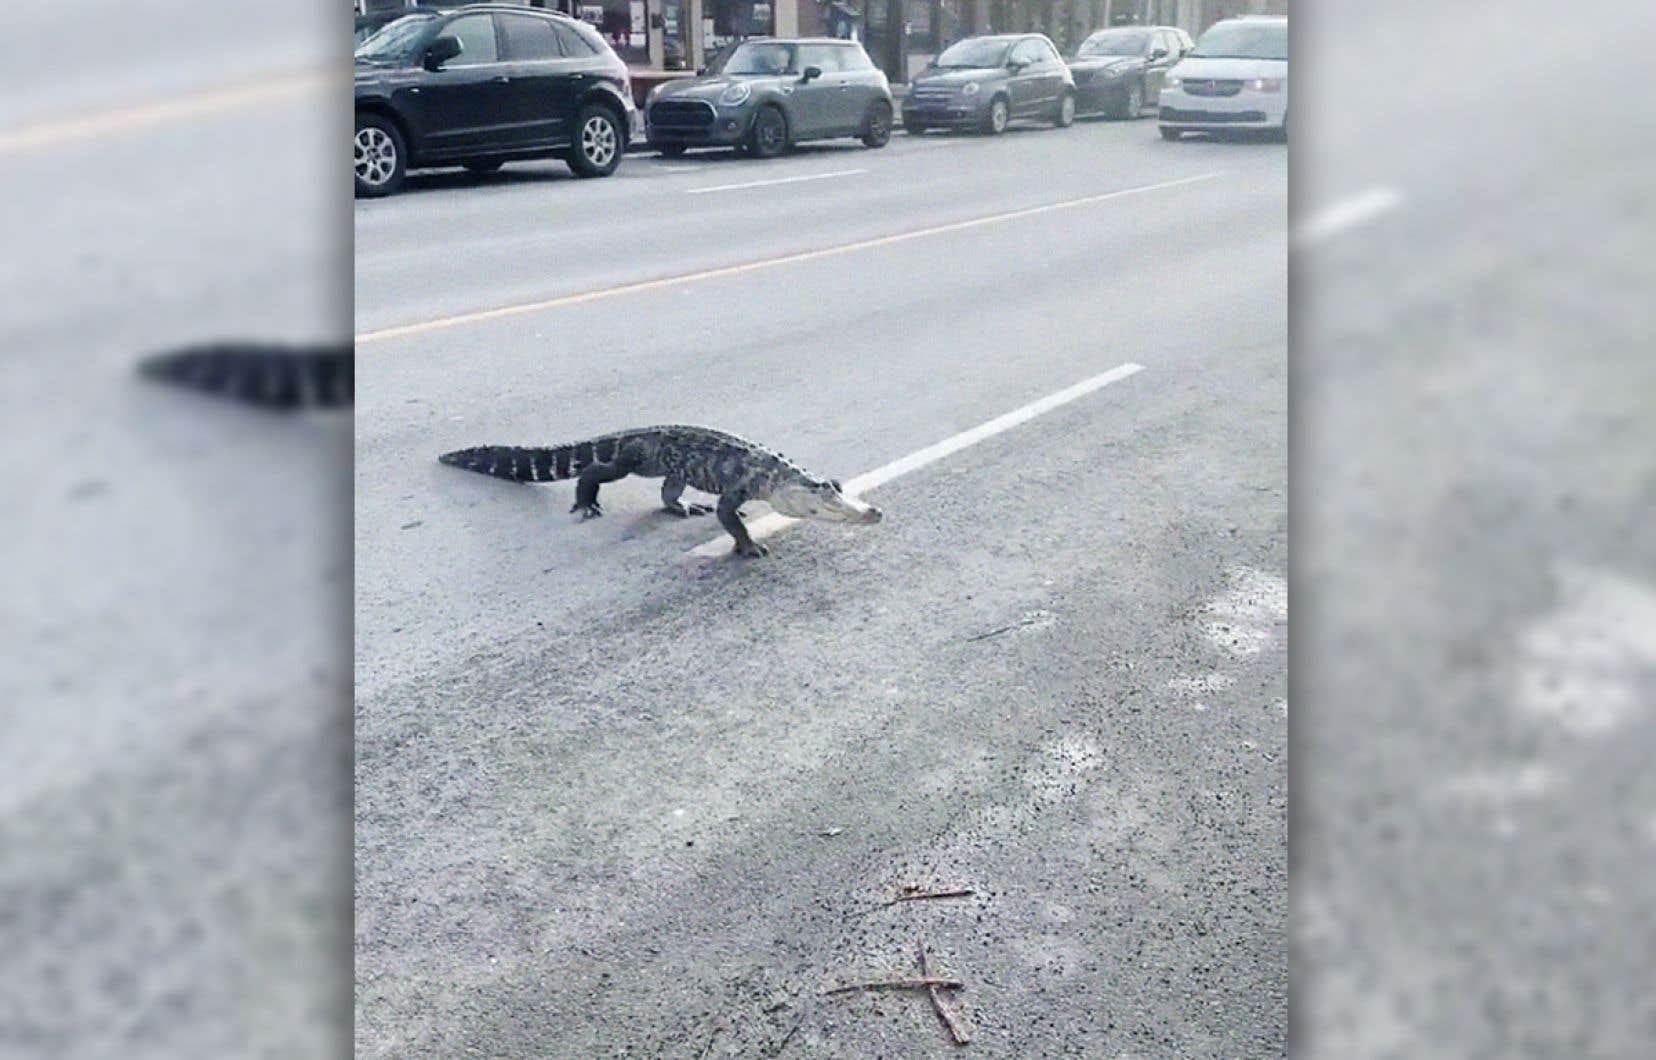 Une internaute a publié une vidéo, où l'on voit le reptile traverser lentement la rue Jarry, à l'angle de l'avenue des Belges, avant de se réfugier sous une voiture.